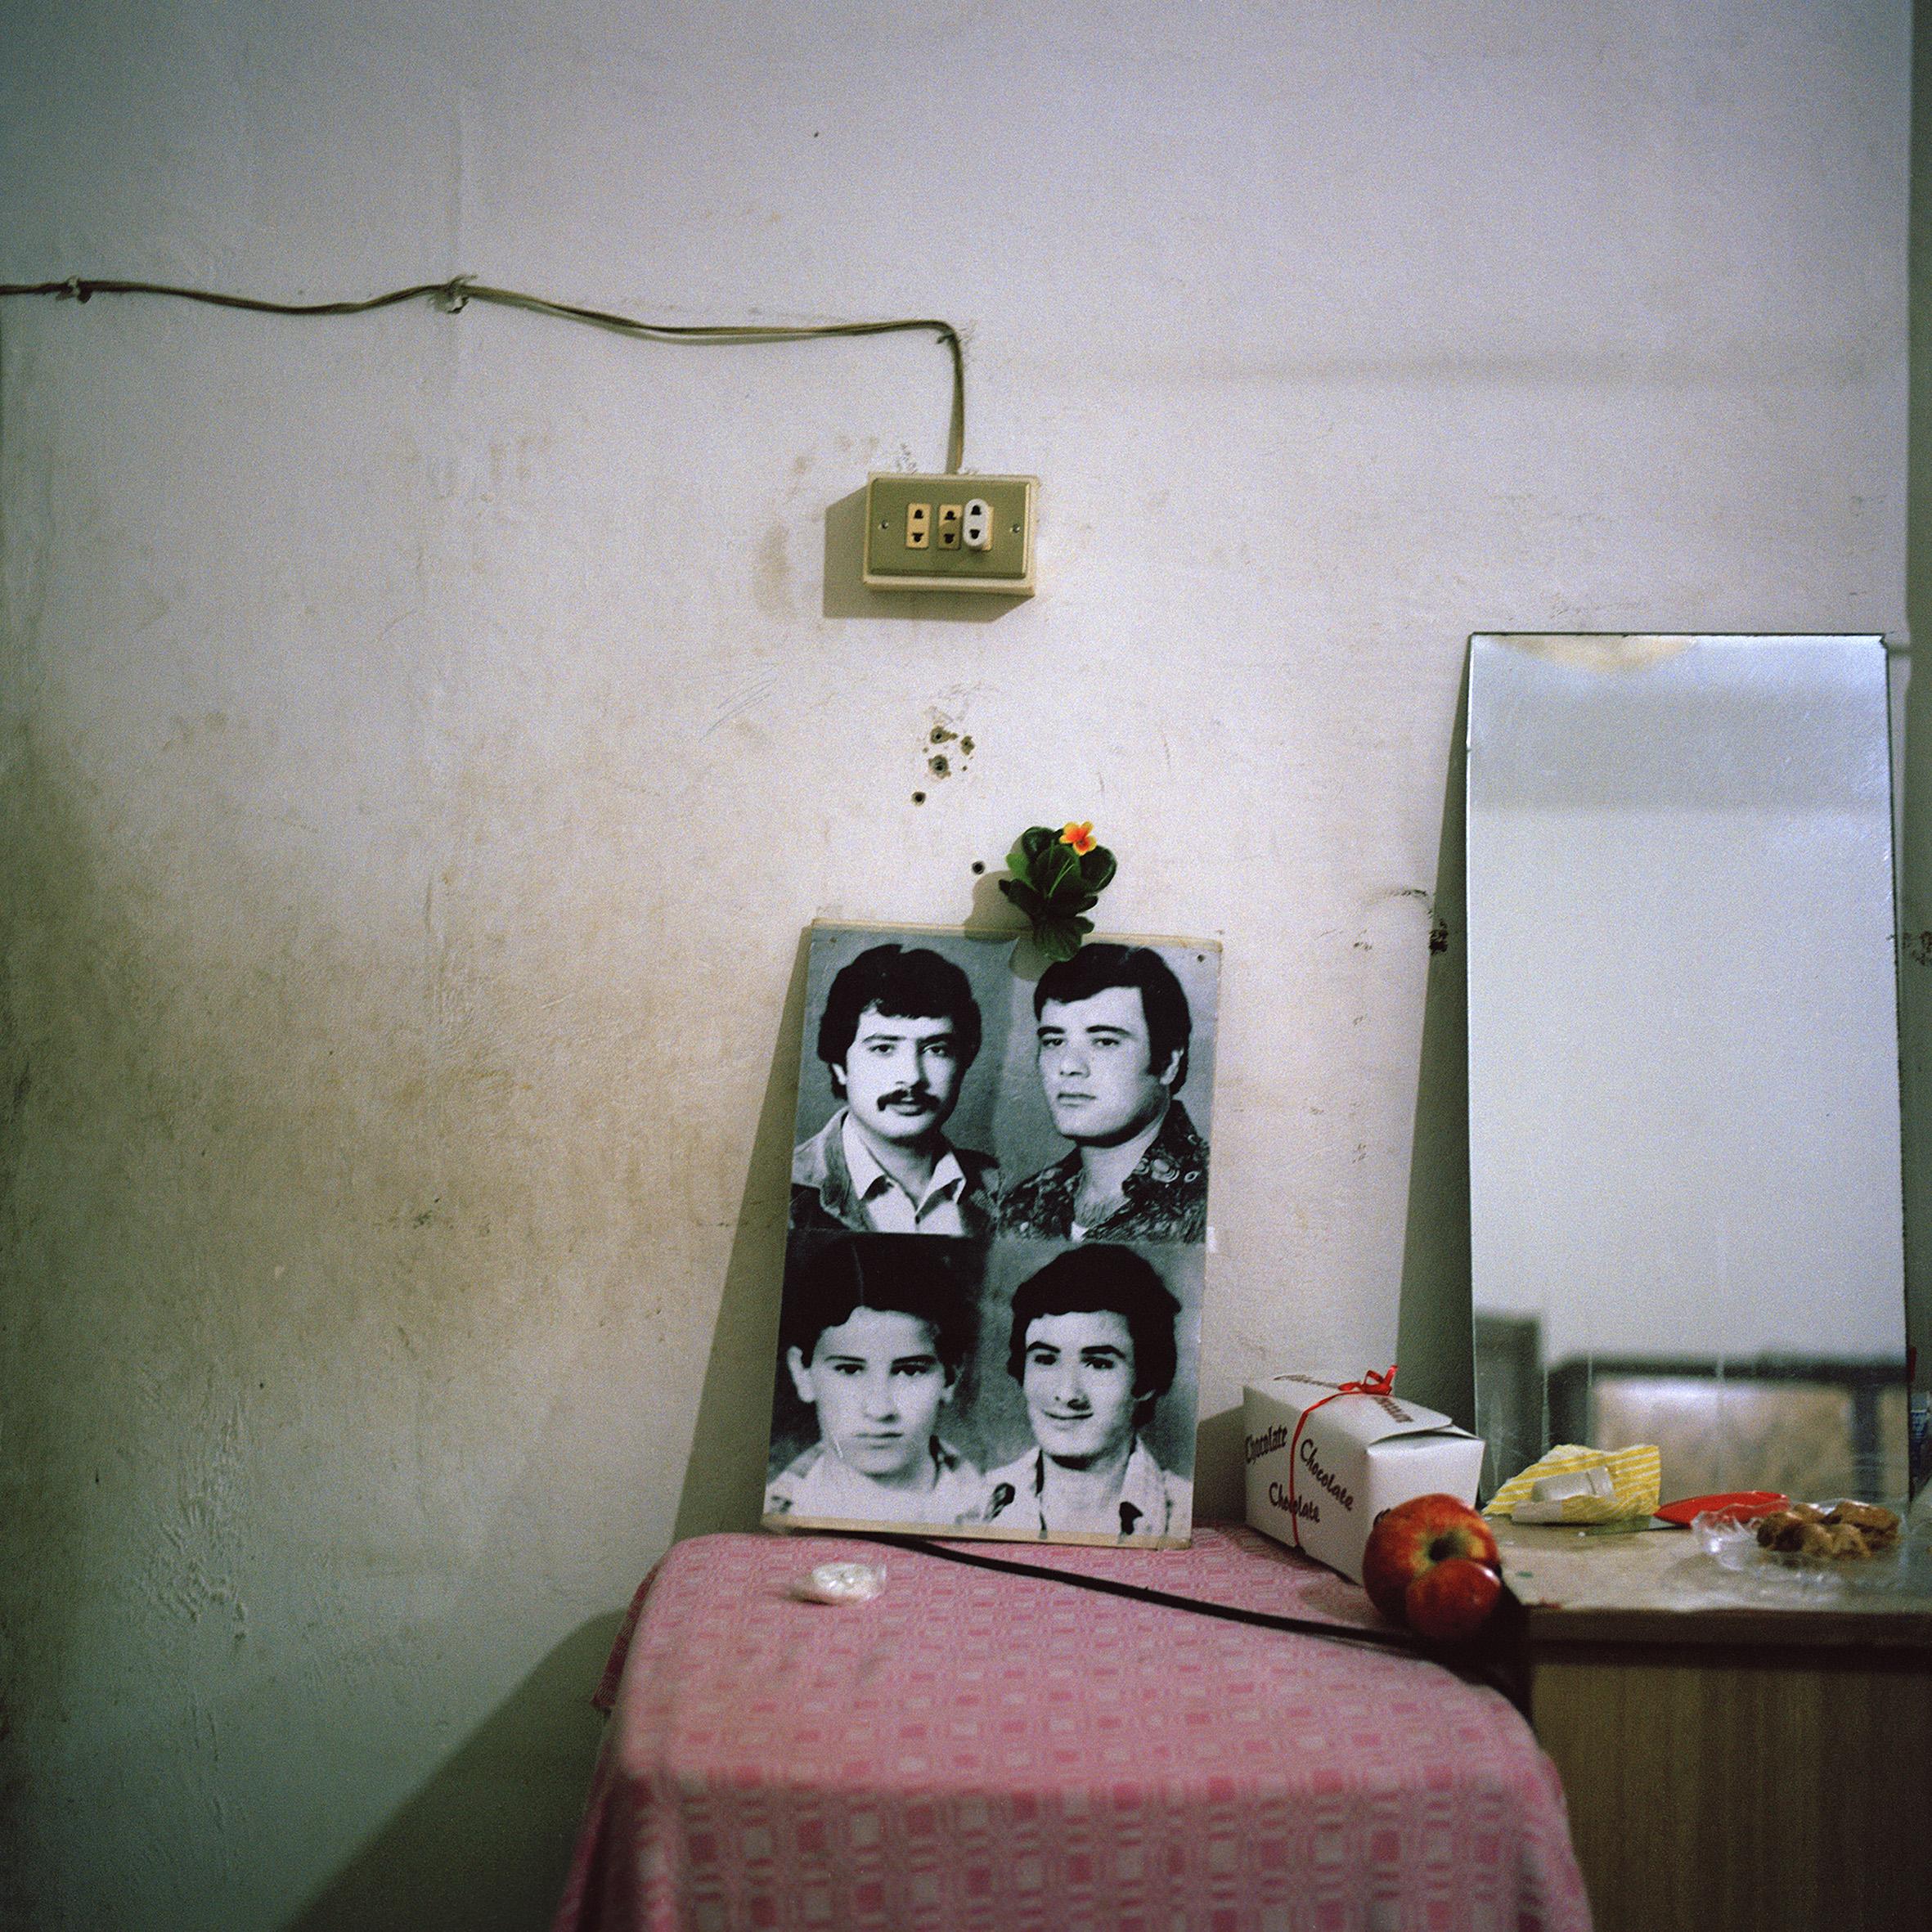 Image by Dalia Khamissy